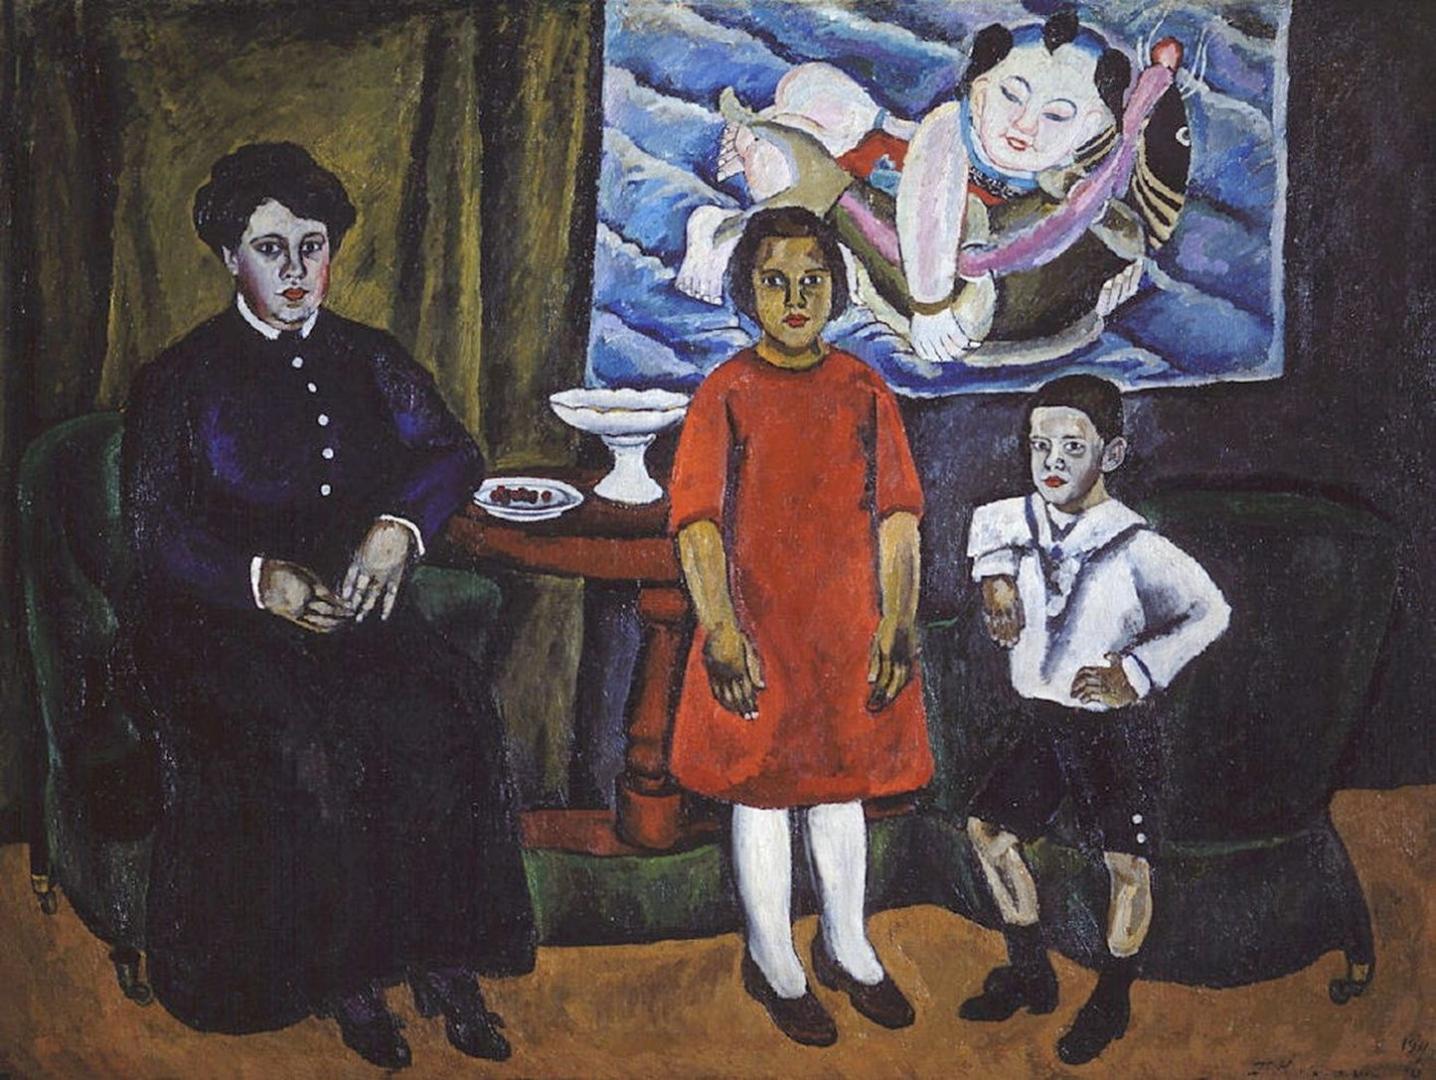 Петр Кончаловский. Семейный портрет (на фоне китайского панно). 1911